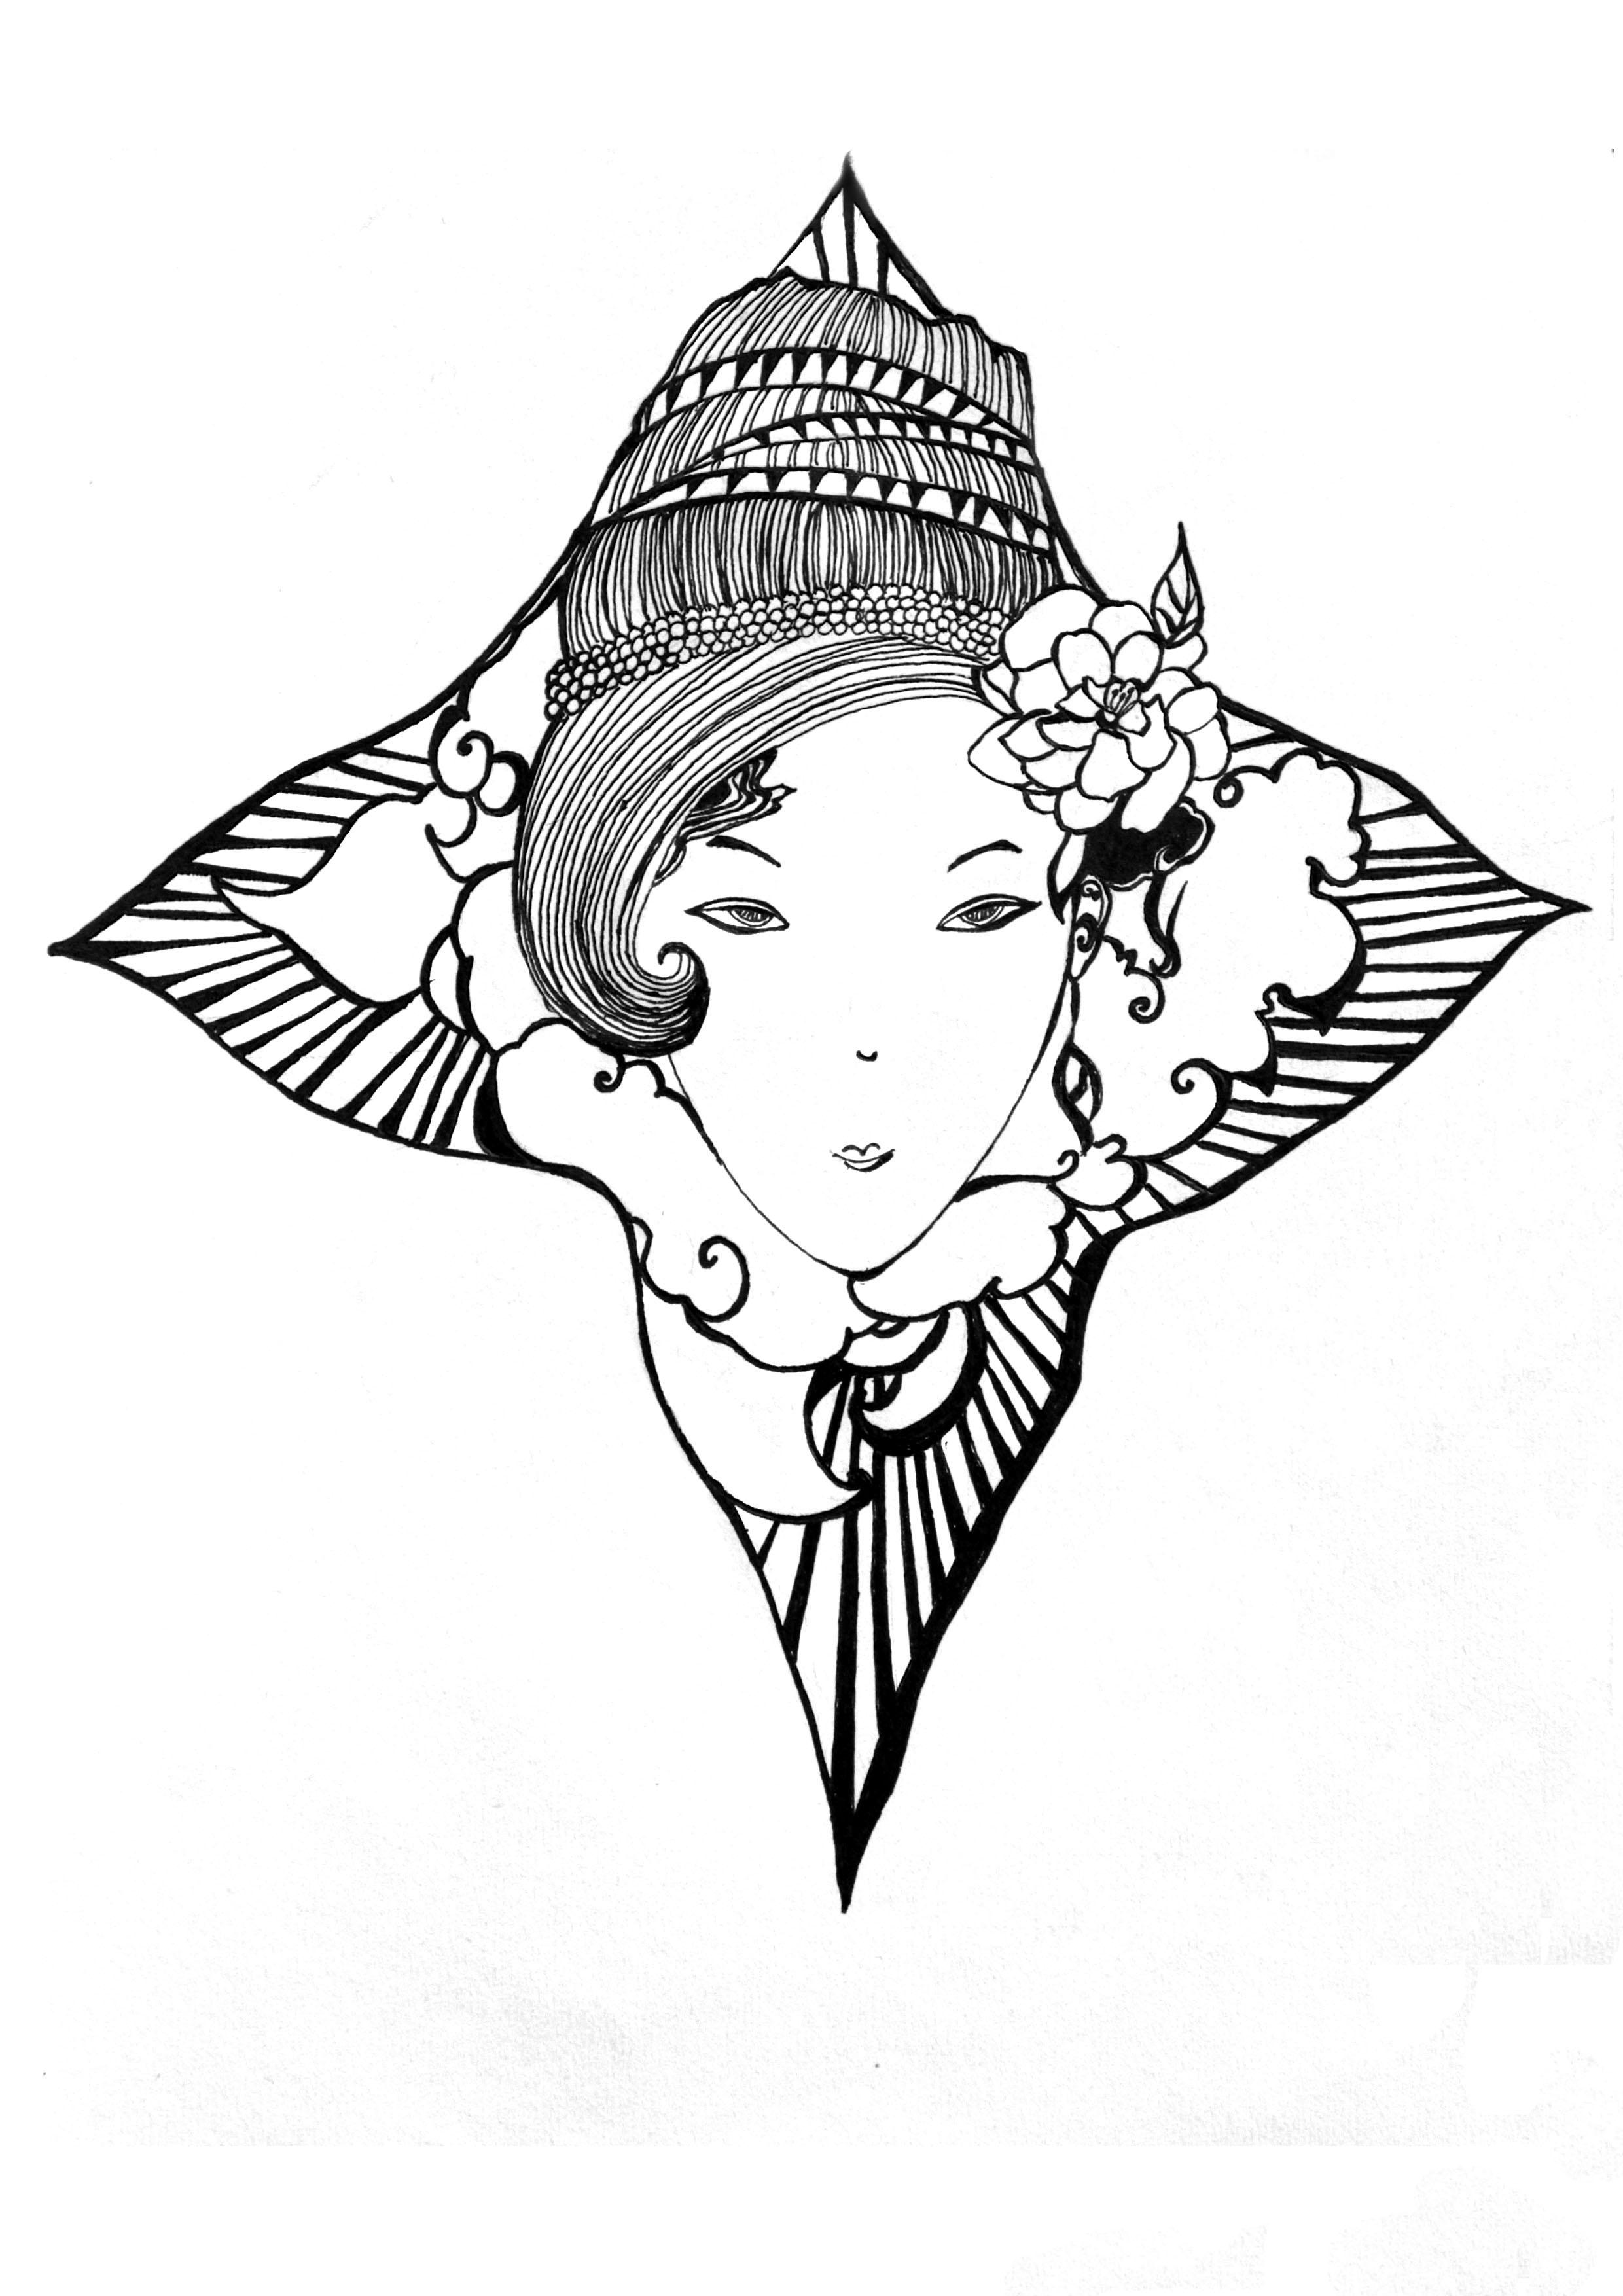 黑白 插画 插画习作 李很丑 - 原创作品 - 站酷